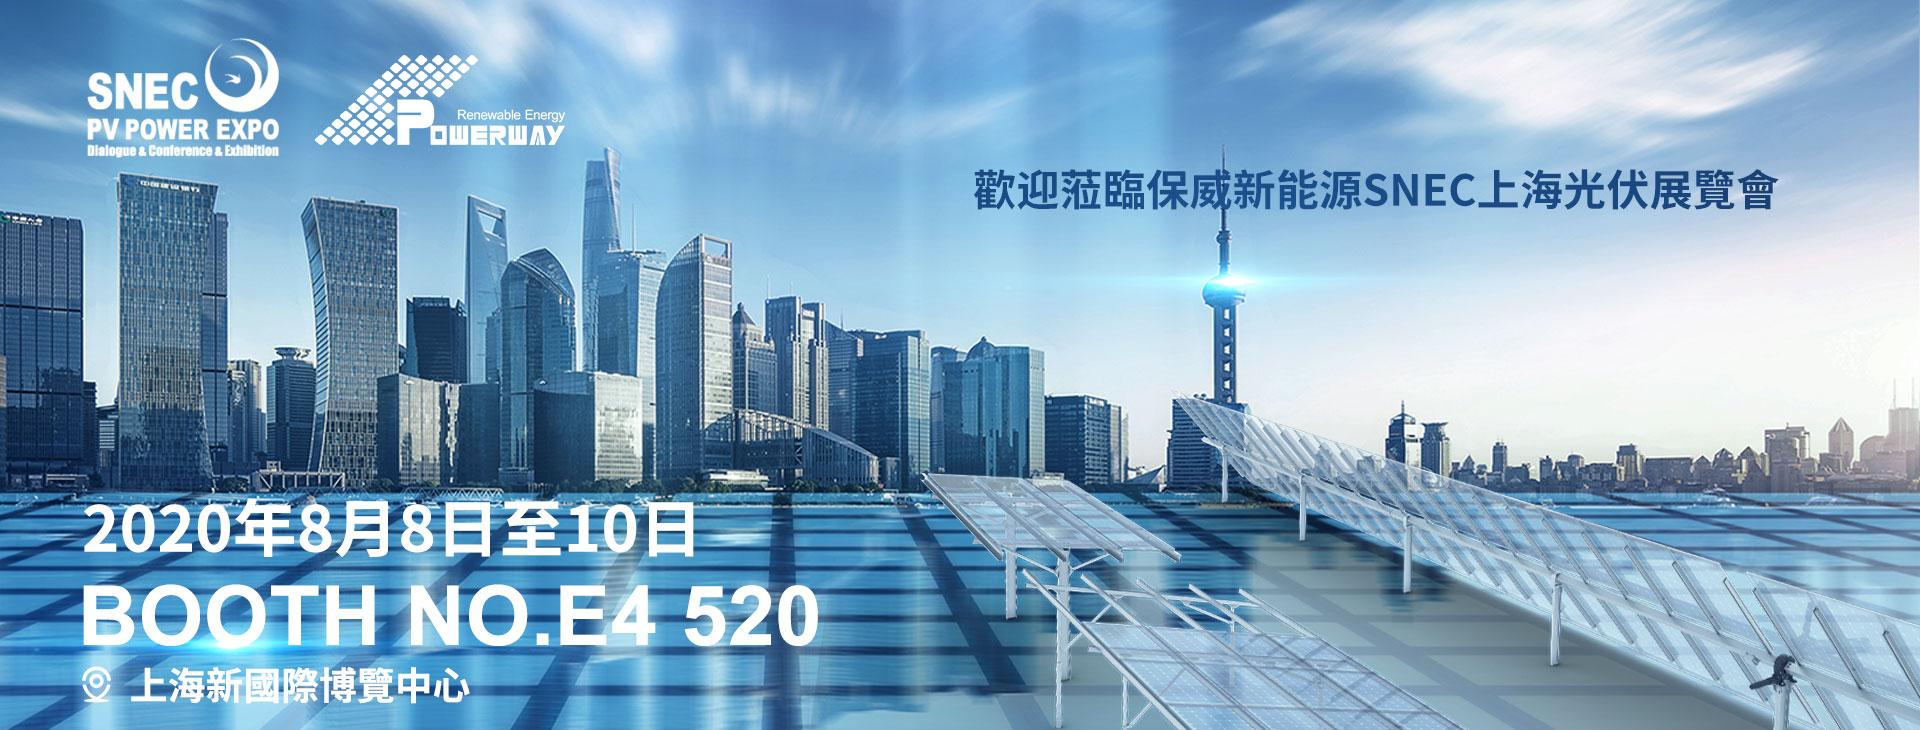 SNEC 2020